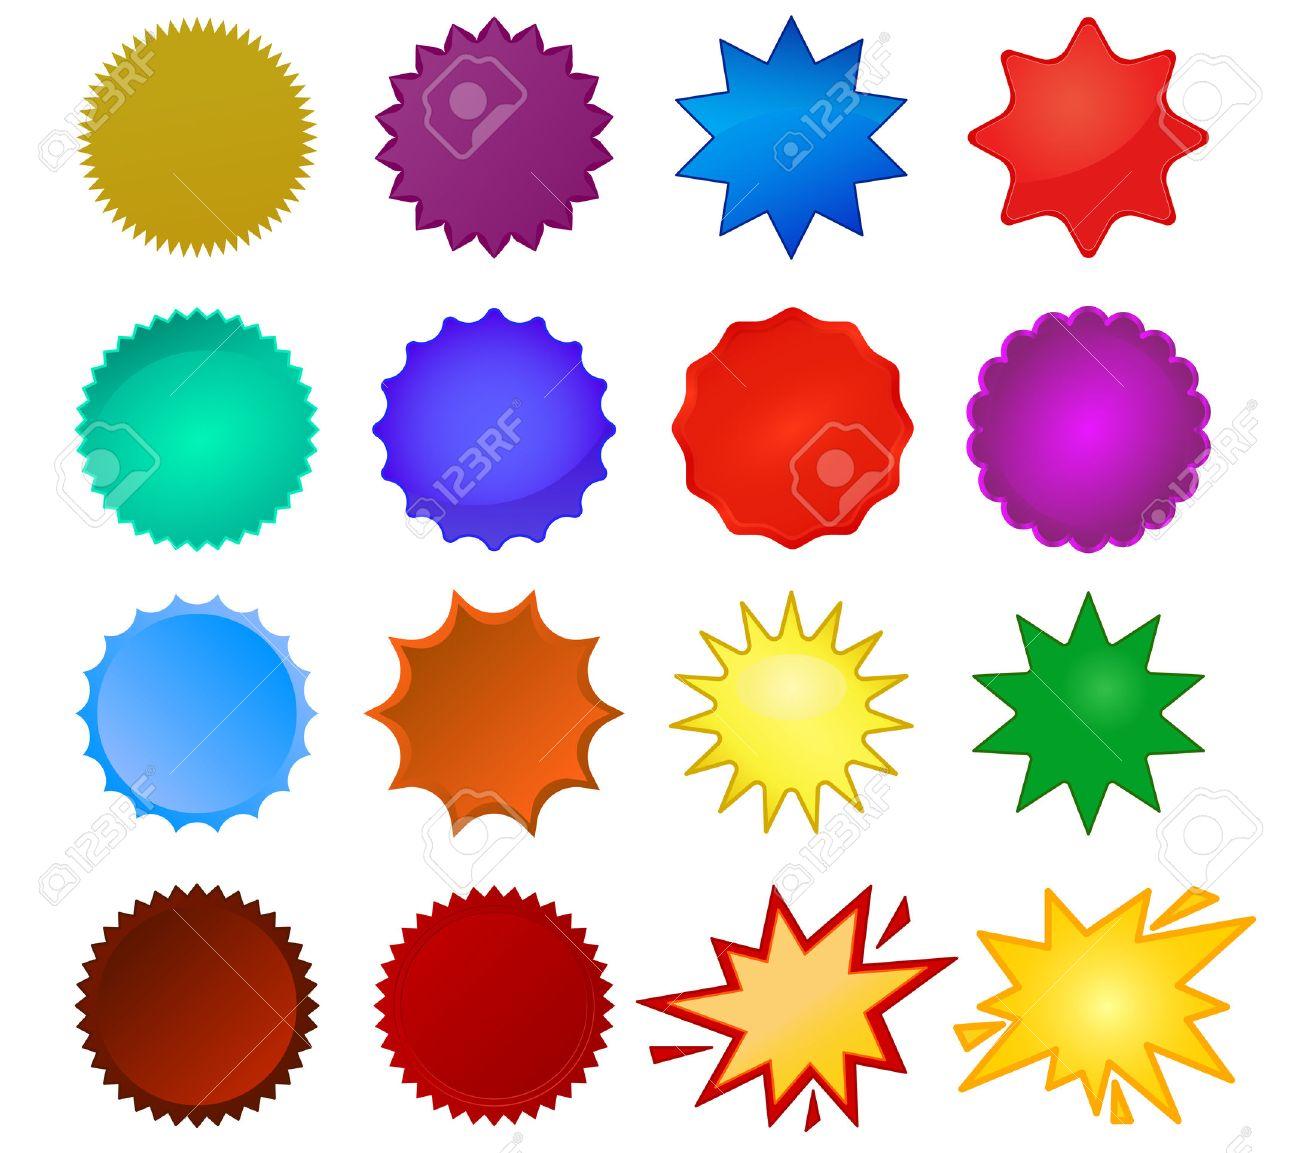 stelle colorate foto royalty free, immagini, immagini e archivi ... - Disegno Stella Colorate